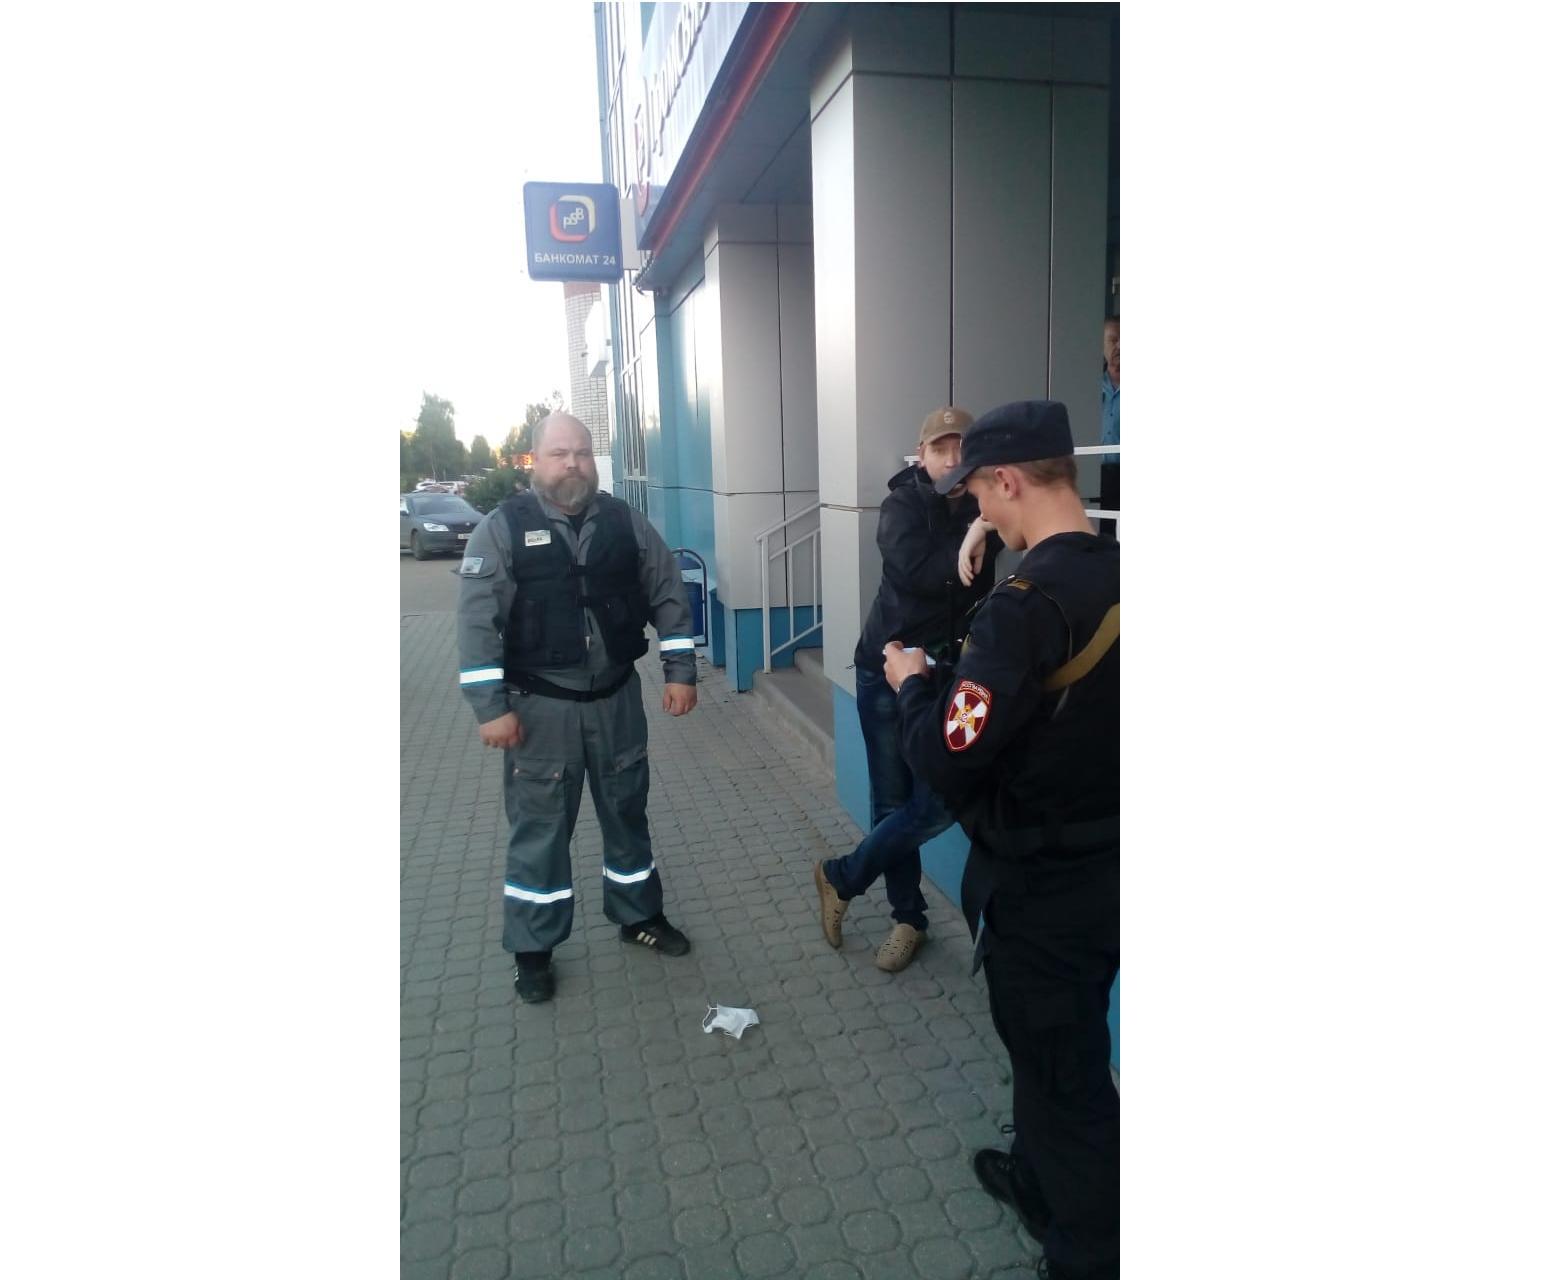 У банка в Ярославле задержали подозрительного мужчину в маске и с пистолетом